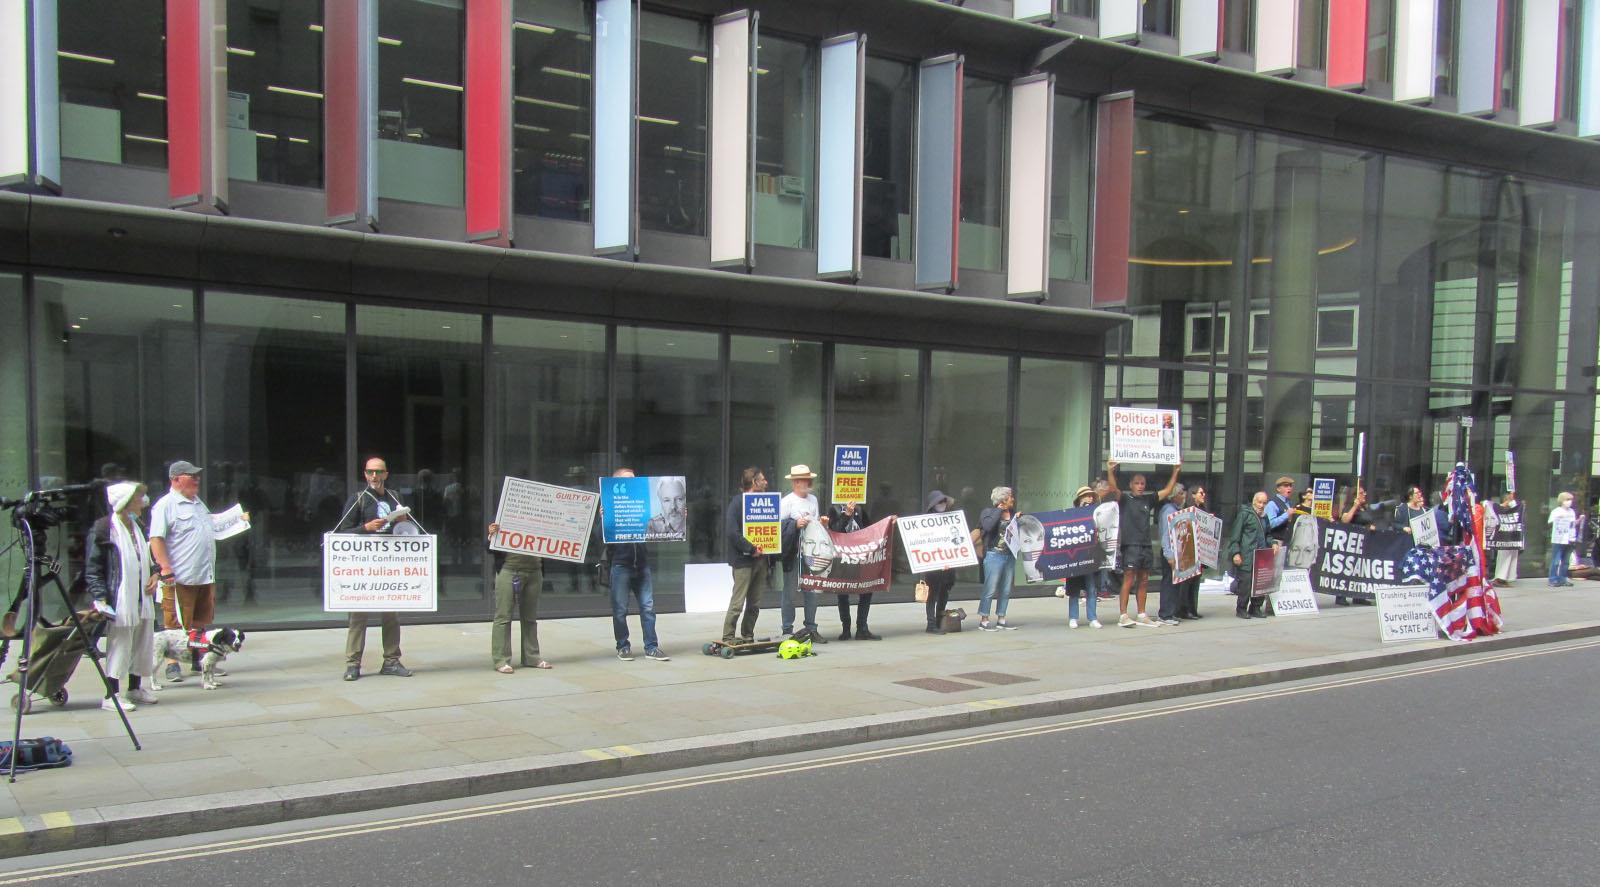 in-london-scheint-die-sonne,-aber-weiterhin-nicht-auf-julian-assange